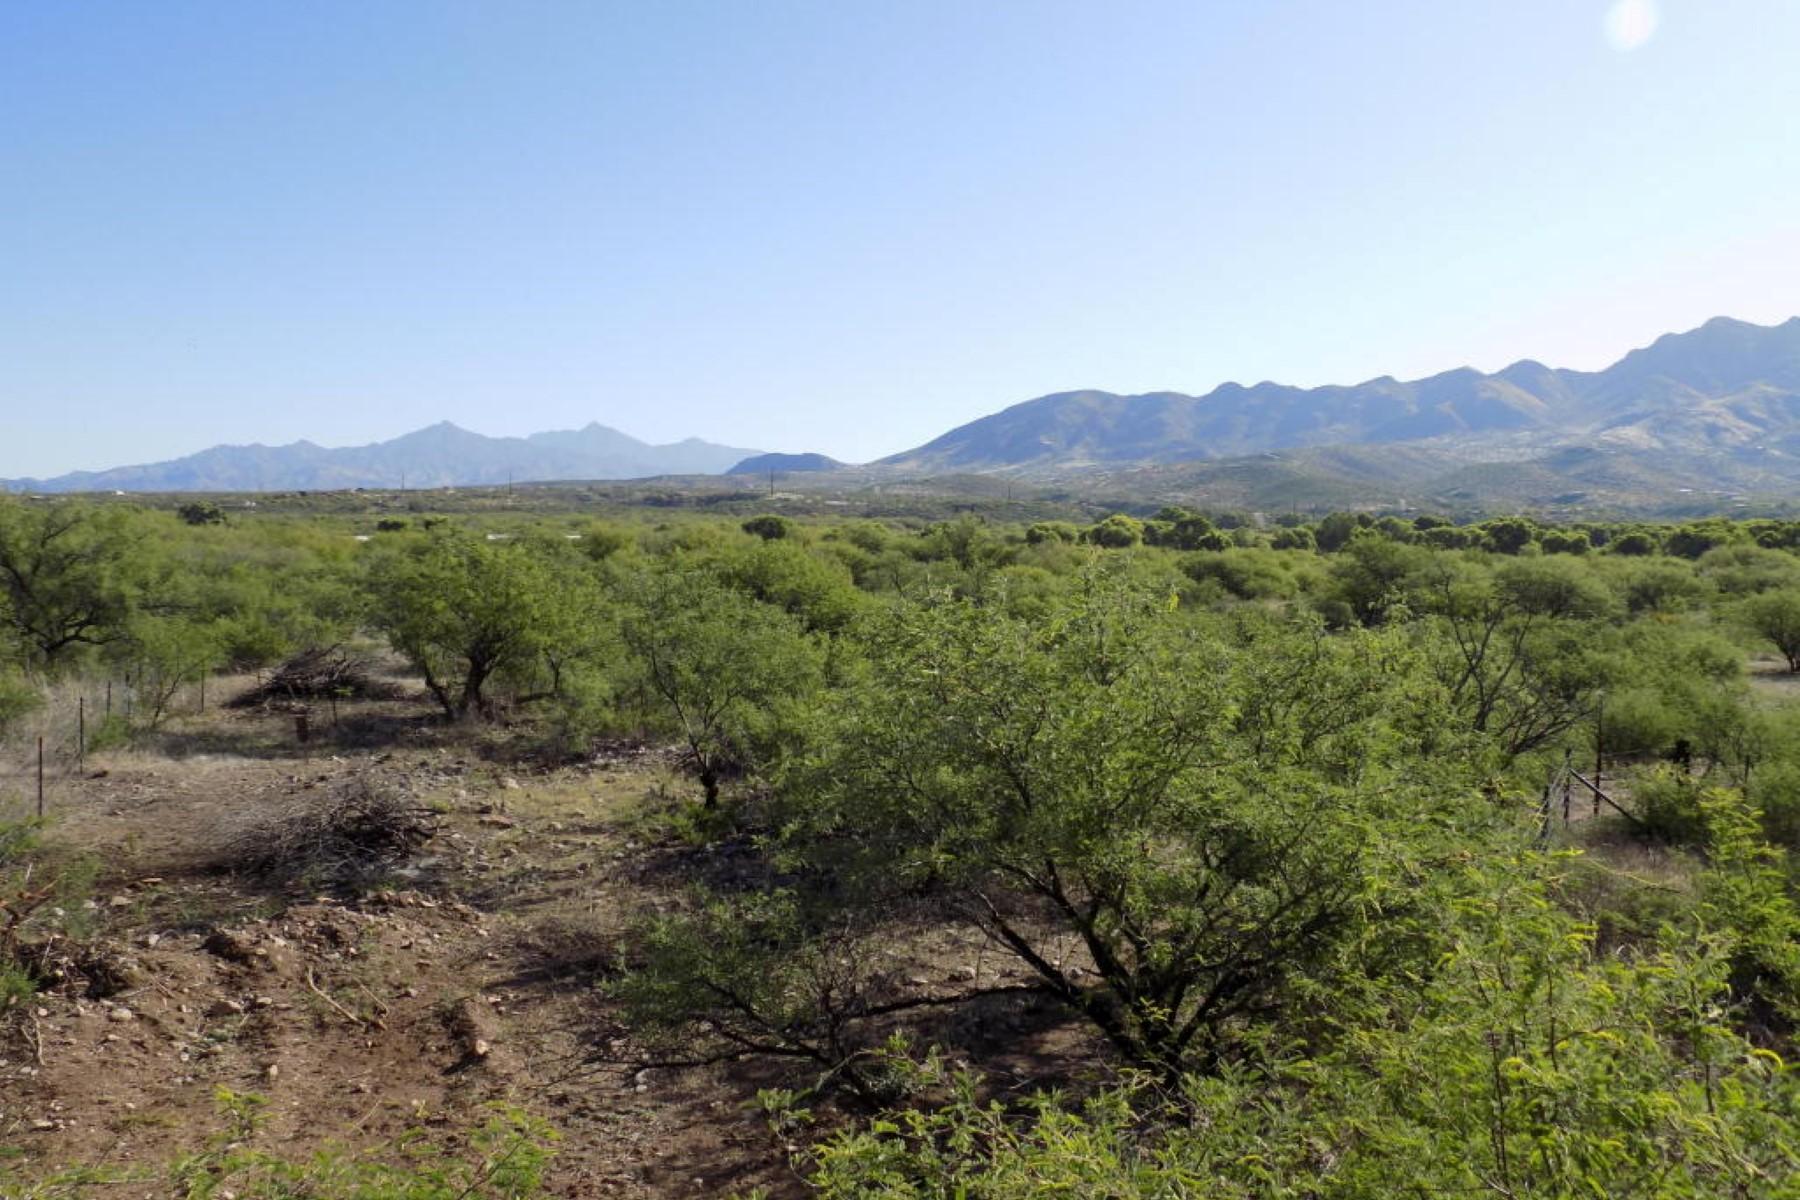 Terreno por un Venta en Interchange parcel adjoin TBD PALO PARADO INTERCHANGE Rio Rico, Arizona, 85648 Estados Unidos